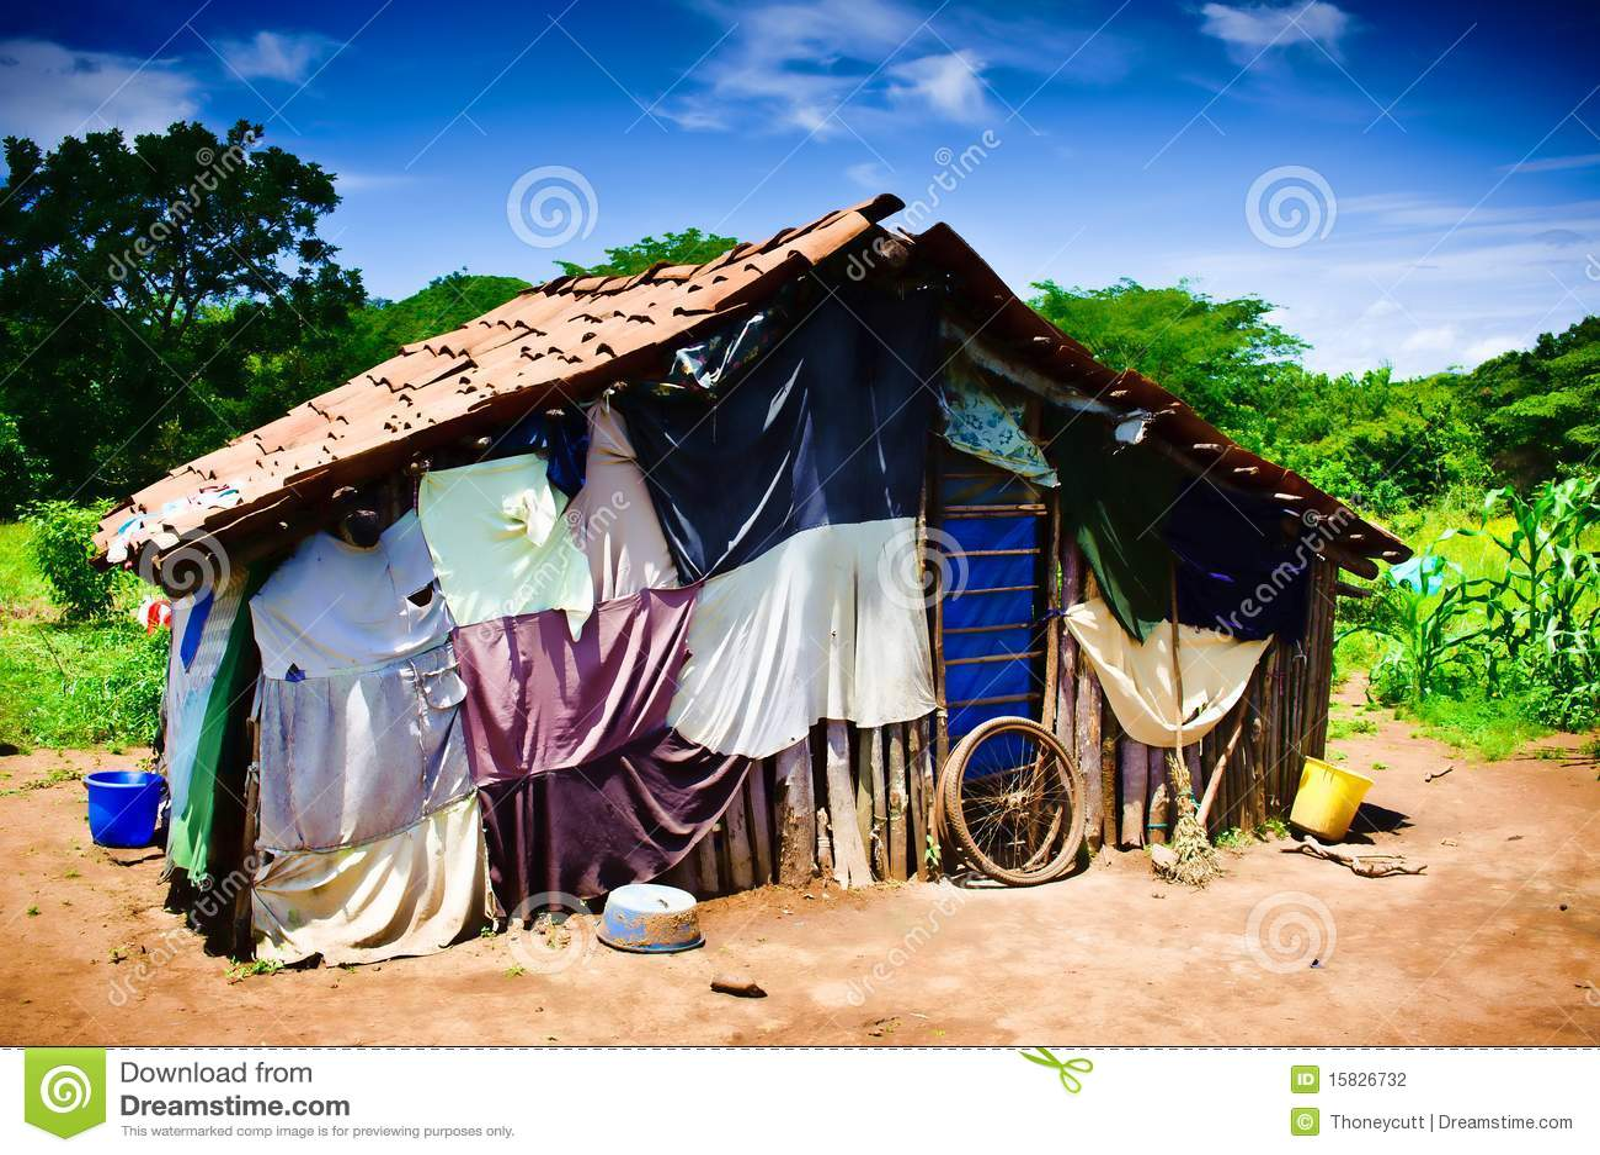 Dritte welt haus stockfotografie bild 15826732 - Bell glazen huis in de wereld ...